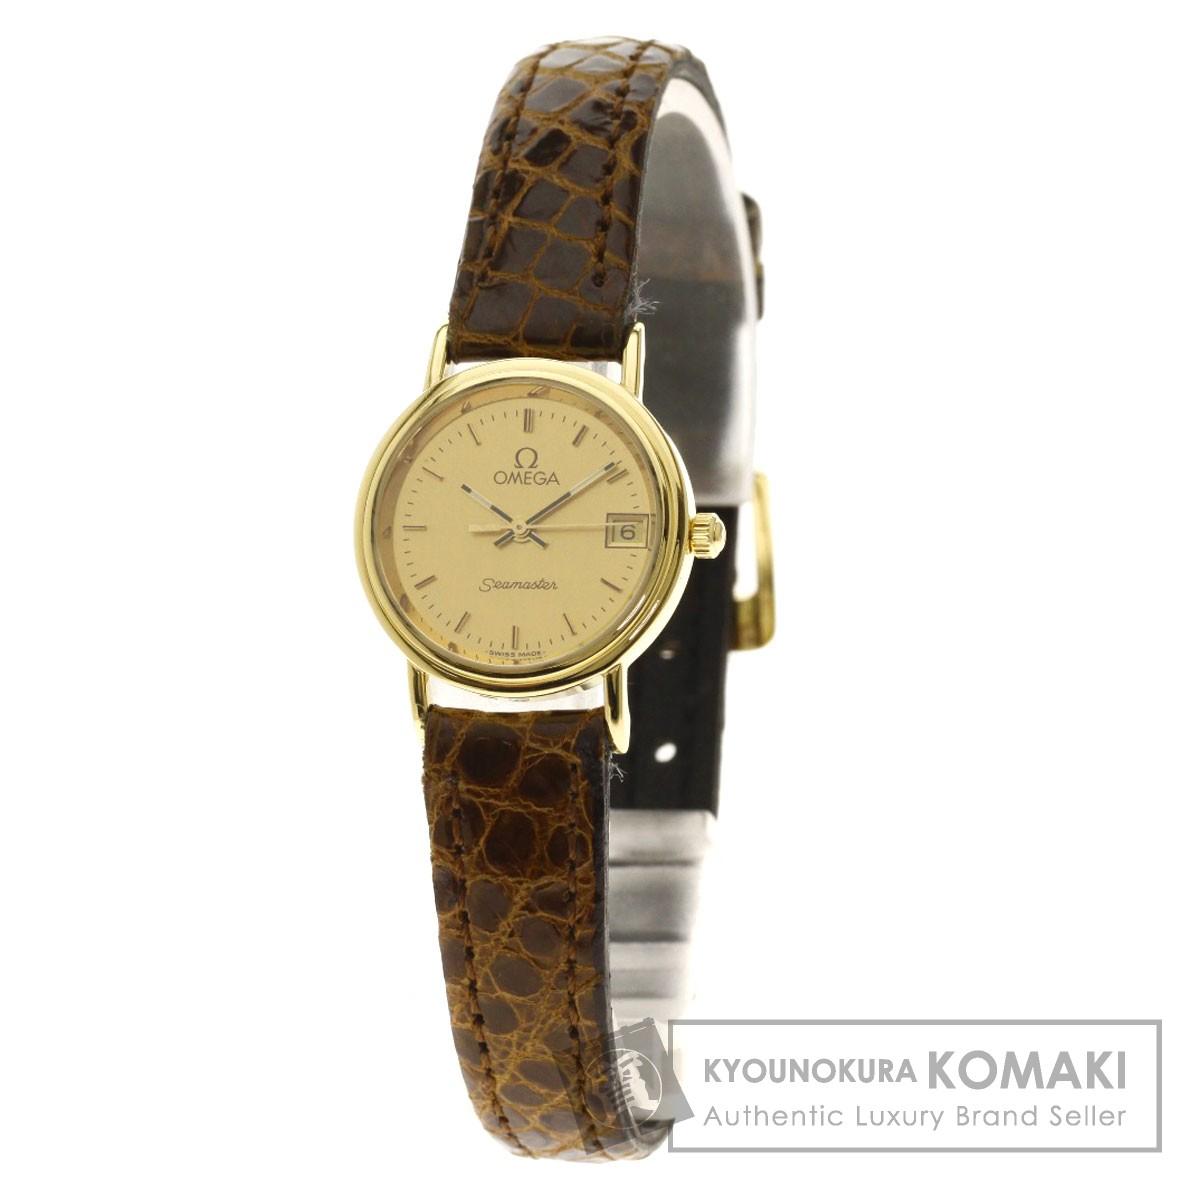 オメガ シーマスター 腕時計 K18イエローゴールド/革 レディース 【中古】【OMEGA】